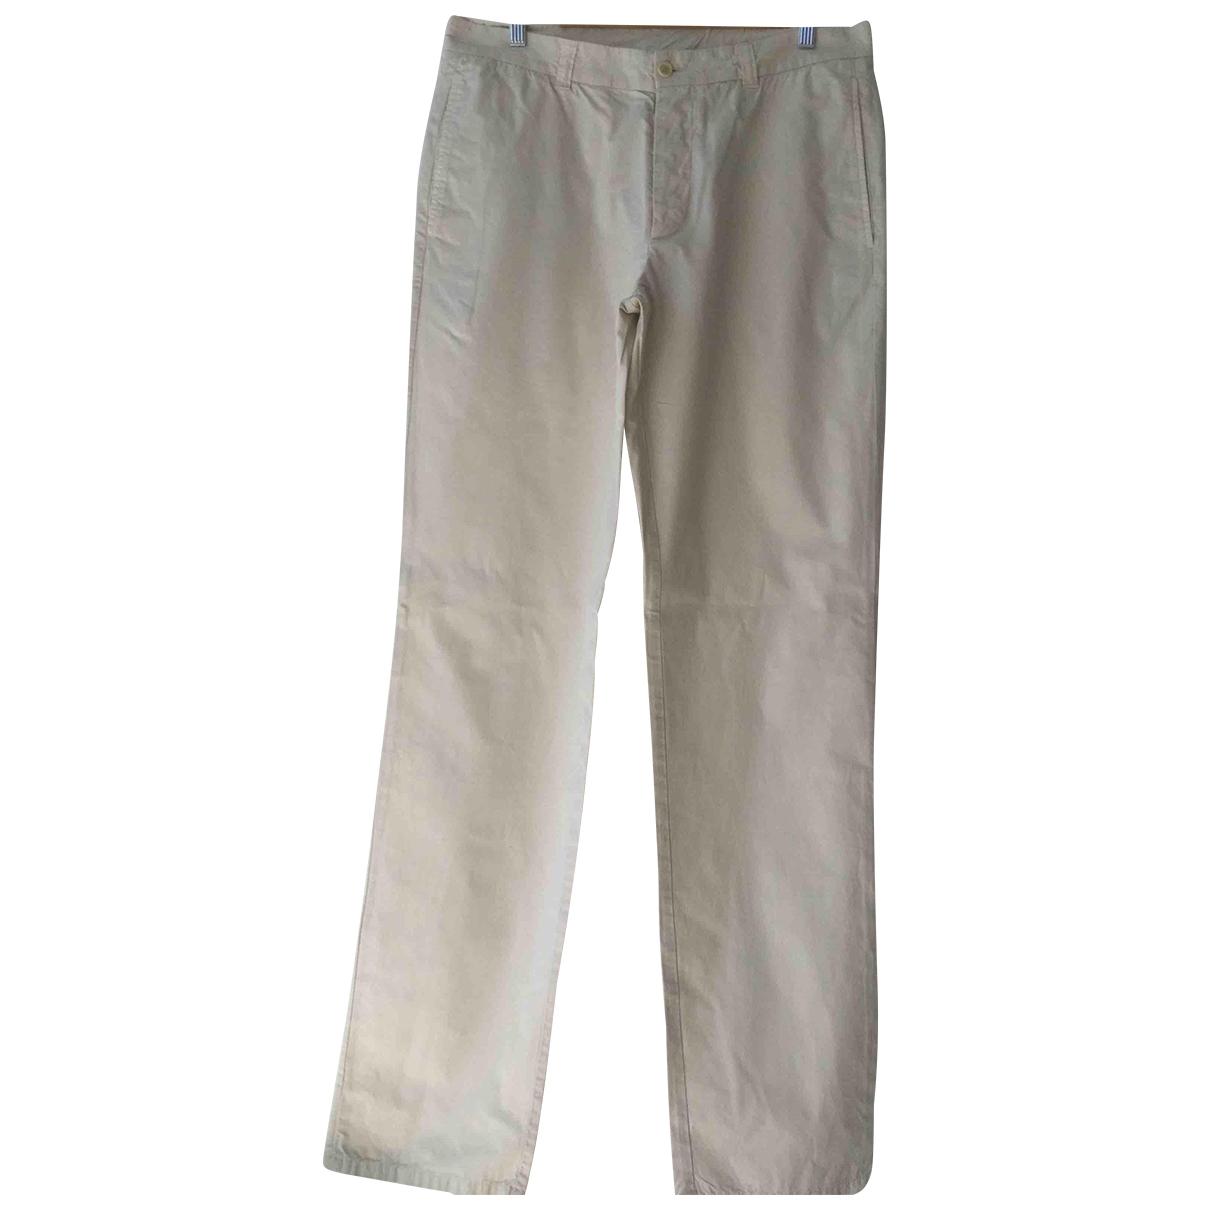 Pantalones en Algodon Beige Weber